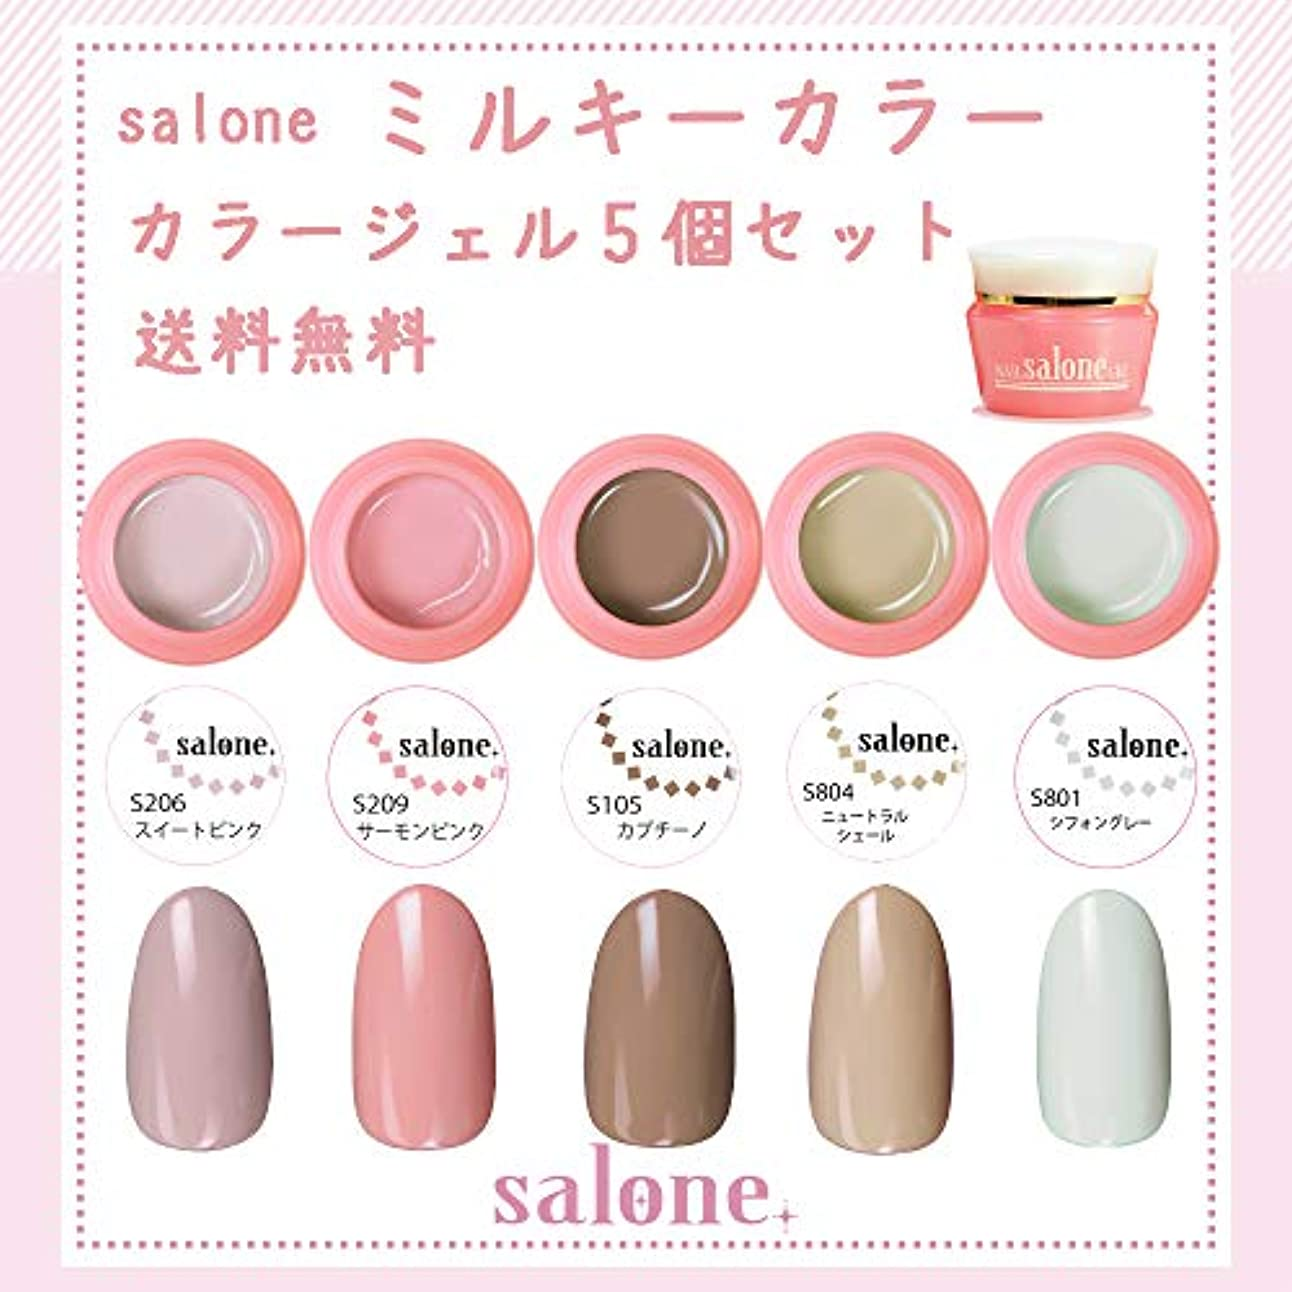 感じる記念品起きろ【送料無料 日本製】Salone ミルキーカラージェル5個セット 暖かく大人可愛いトレンドカラー